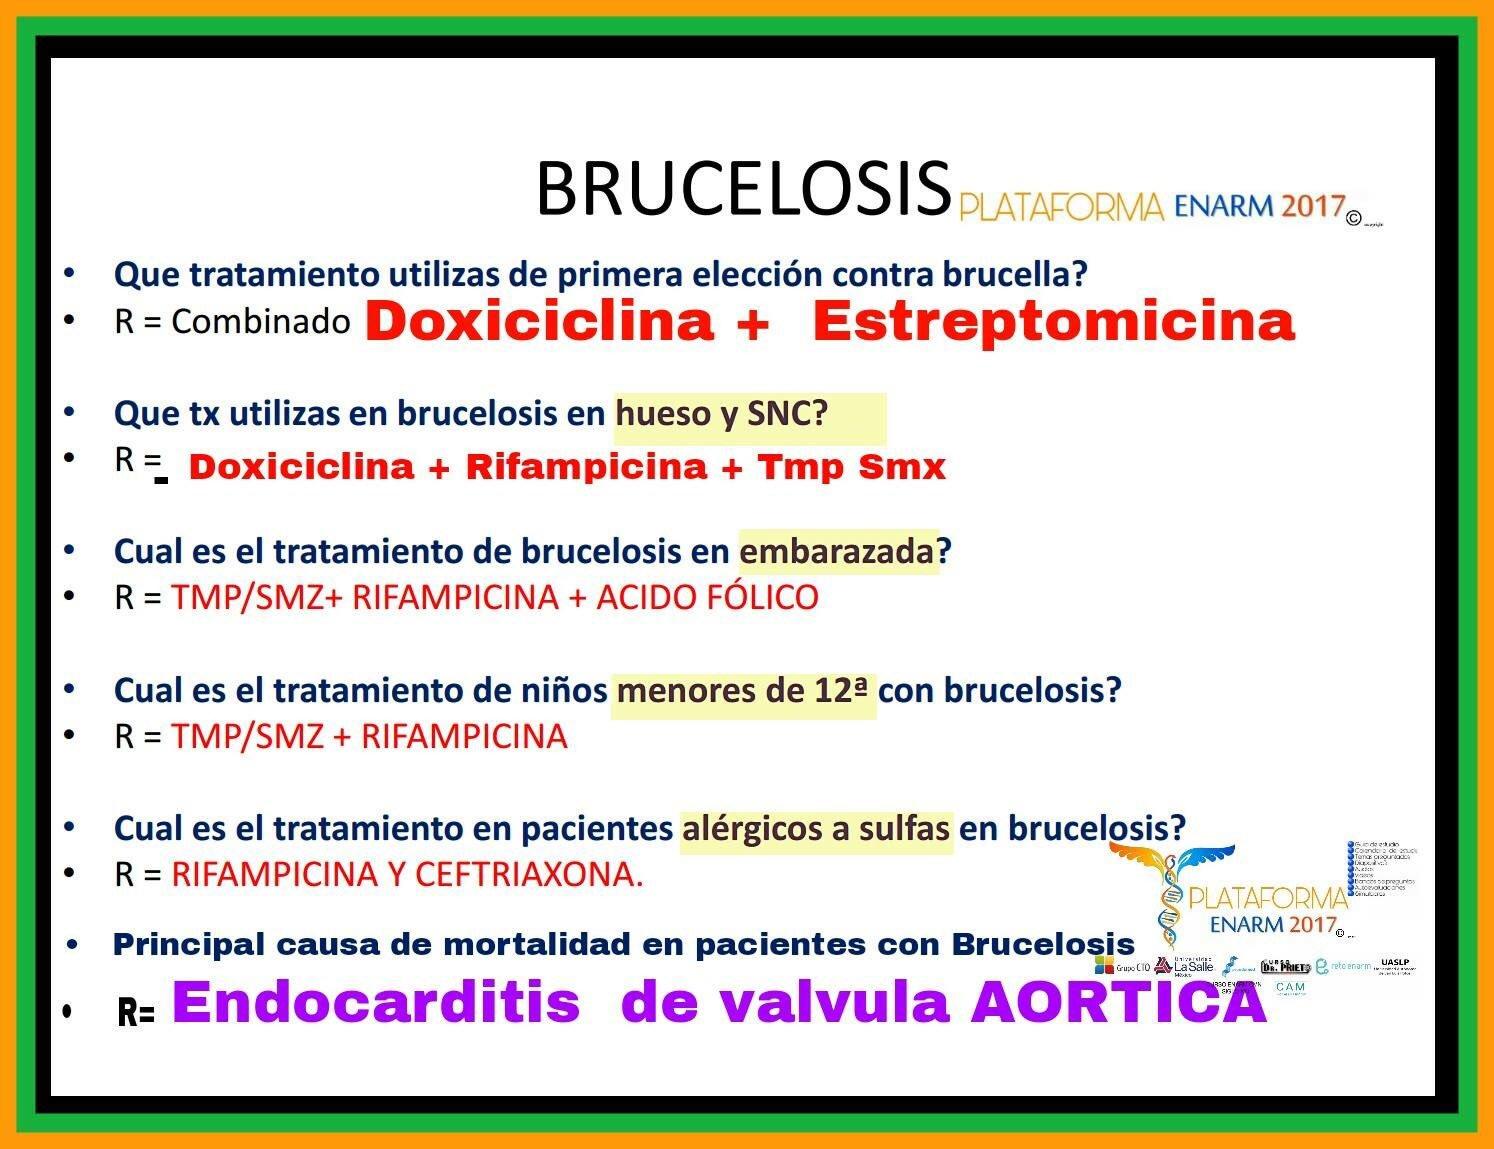 Adrian Torres Prado On Twitter Brucelosis Que Es La Brucella Cual Es La Triada Tipica De Brucelosis Diagnostico Tratamiento Complicaciones Mortales Enarm2017 Https T Co Zpqzweaaph